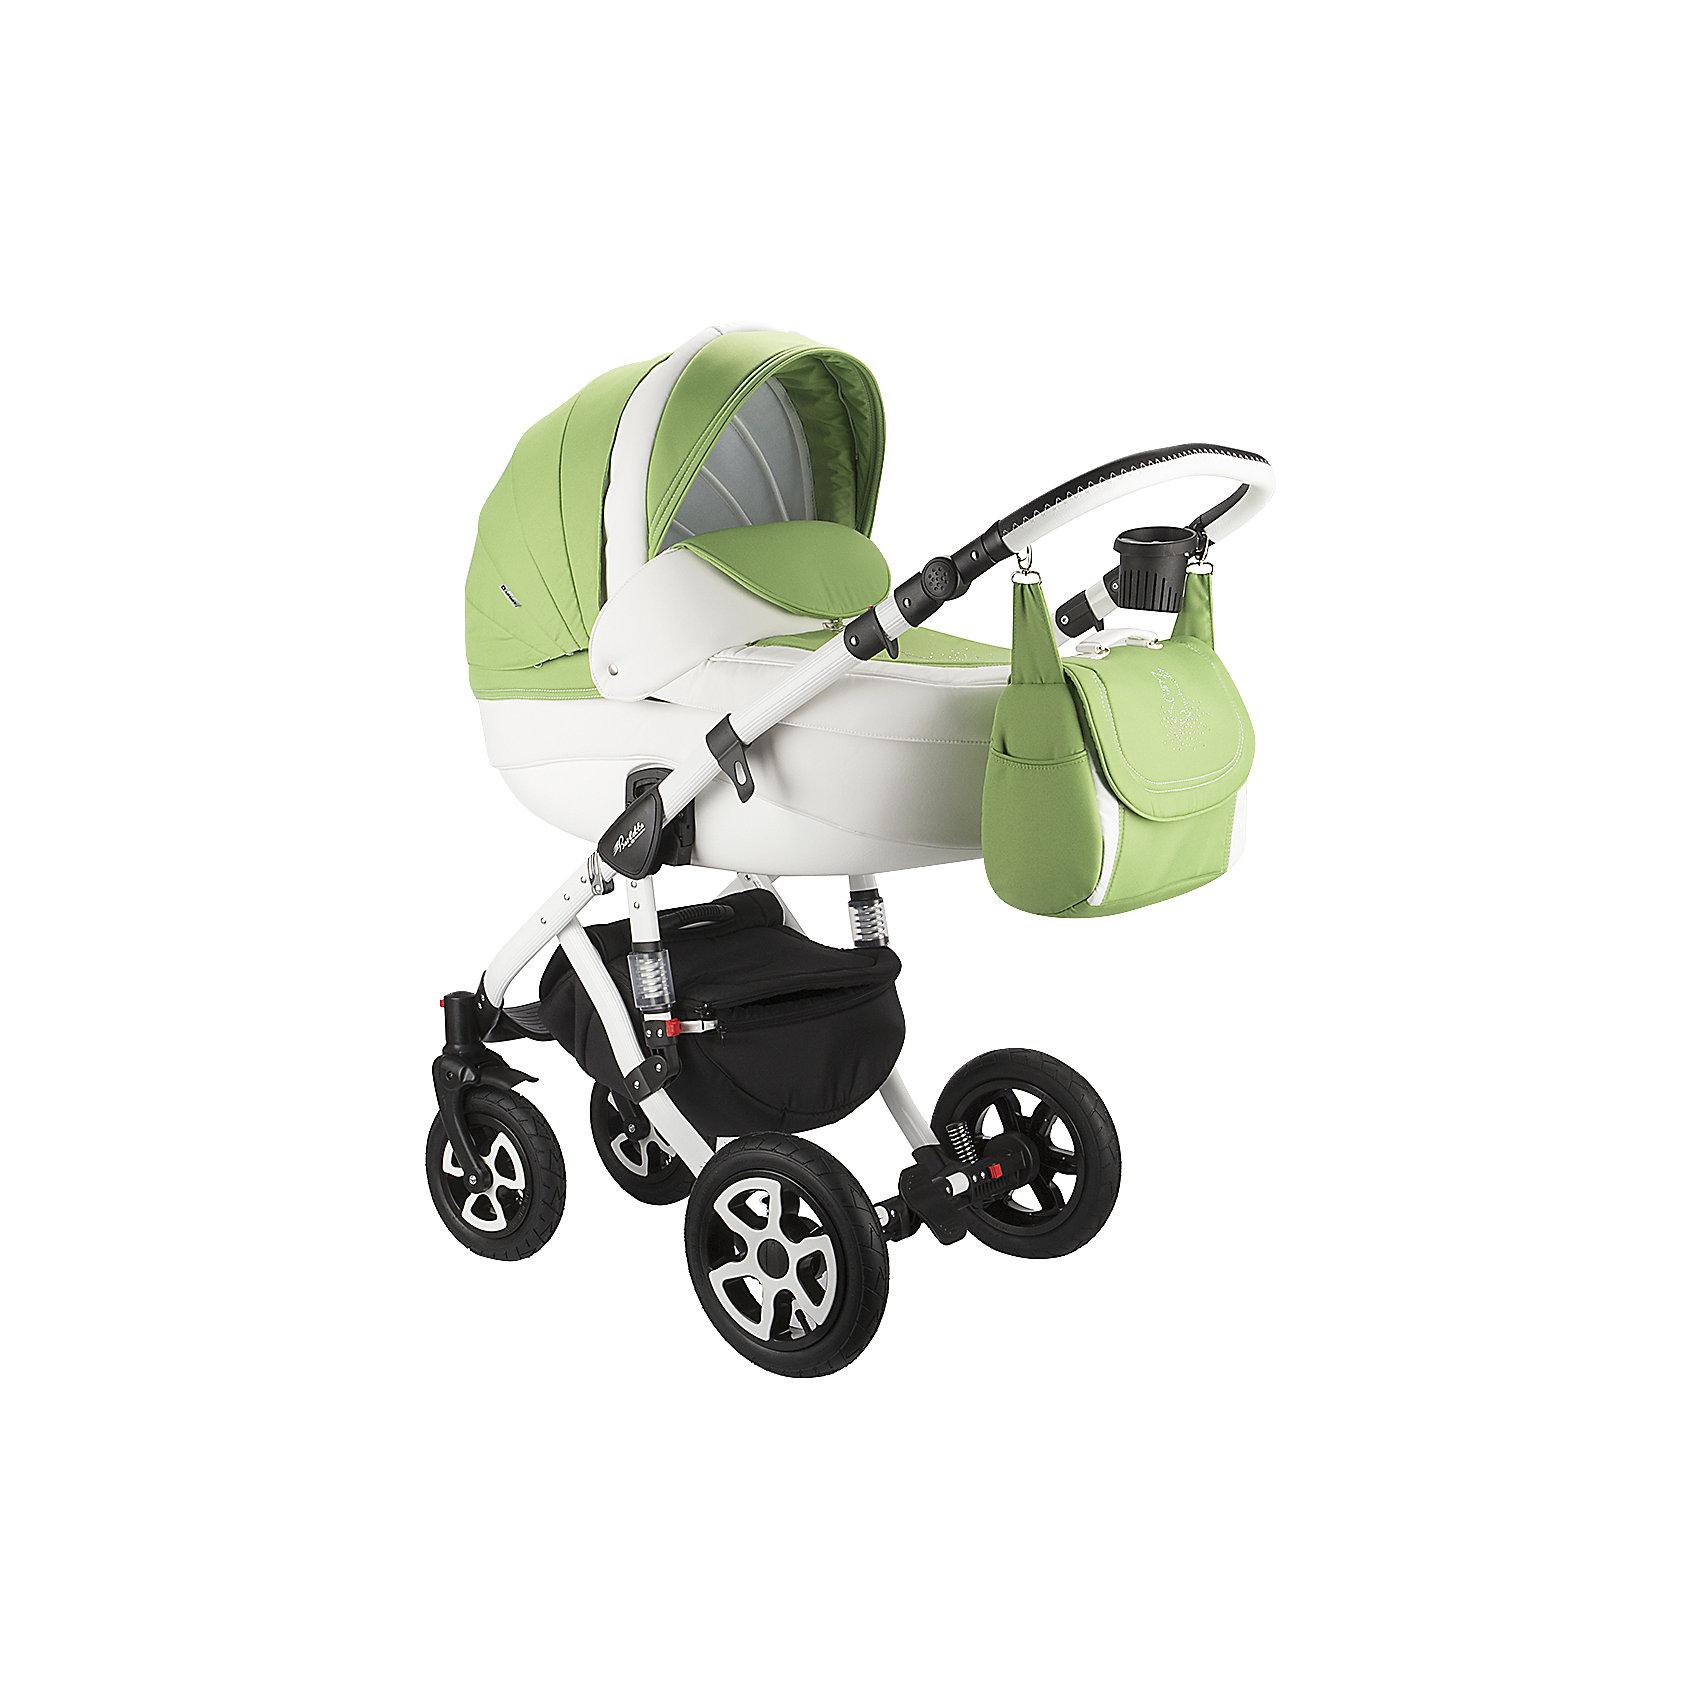 Коляска 2 в 1 Barletta, Adamex, Лисёнок белый/зеленыйСтильная коляска выполнена в современном и удобном дизайне. Прочная и удобная коляска позволит перевозить ребенка, не беспокоясь при этом о его безопасности. Приятный цвет коляски практичен и универсален. За счет продуманной формы колес и амортизации коляска отлично будет ехать как по не ровной дороге, так и по снегу. Коляска легкая и прочная.<br>На коляске - колеса разного размера, поэтому конструкция - очень устойчивая. Модель дополнена 5-точечными ремнями безопасности. Изделие произведено из качественных и безопасных для малышей материалов, оно соответствуют всем современным требованиям безопасности.<br><br>Дополнительная информация:<br><br>цвет: белый, зеленый;<br>механизм складывания: книжка; <br>тип колес: надувные; <br>пятиточечные ремни безопасности; <br>четыре положения спинки; <br>регулировка положений ручки и подножки; <br>материал рамы: алюминий; <br>съёмный бампер; <br>мягкие накладки на внутренних ремнях безопасности; <br>передние колеса поворотные с возможностью фиксации; <br>система амортизации - пружины;<br>вес: 15.4 кг; <br>размер коляски: 106х124х60 см. <br><br>Коляска 2 в 1 Barletta, Лисёнок белый/зеленый от компании Adamex можно купить в нашем магазине.<br><br>Ширина мм: 970<br>Глубина мм: 600<br>Высота мм: 660<br>Вес г: 20700<br>Возраст от месяцев: 0<br>Возраст до месяцев: 36<br>Пол: Женский<br>Возраст: Детский<br>SKU: 4778499